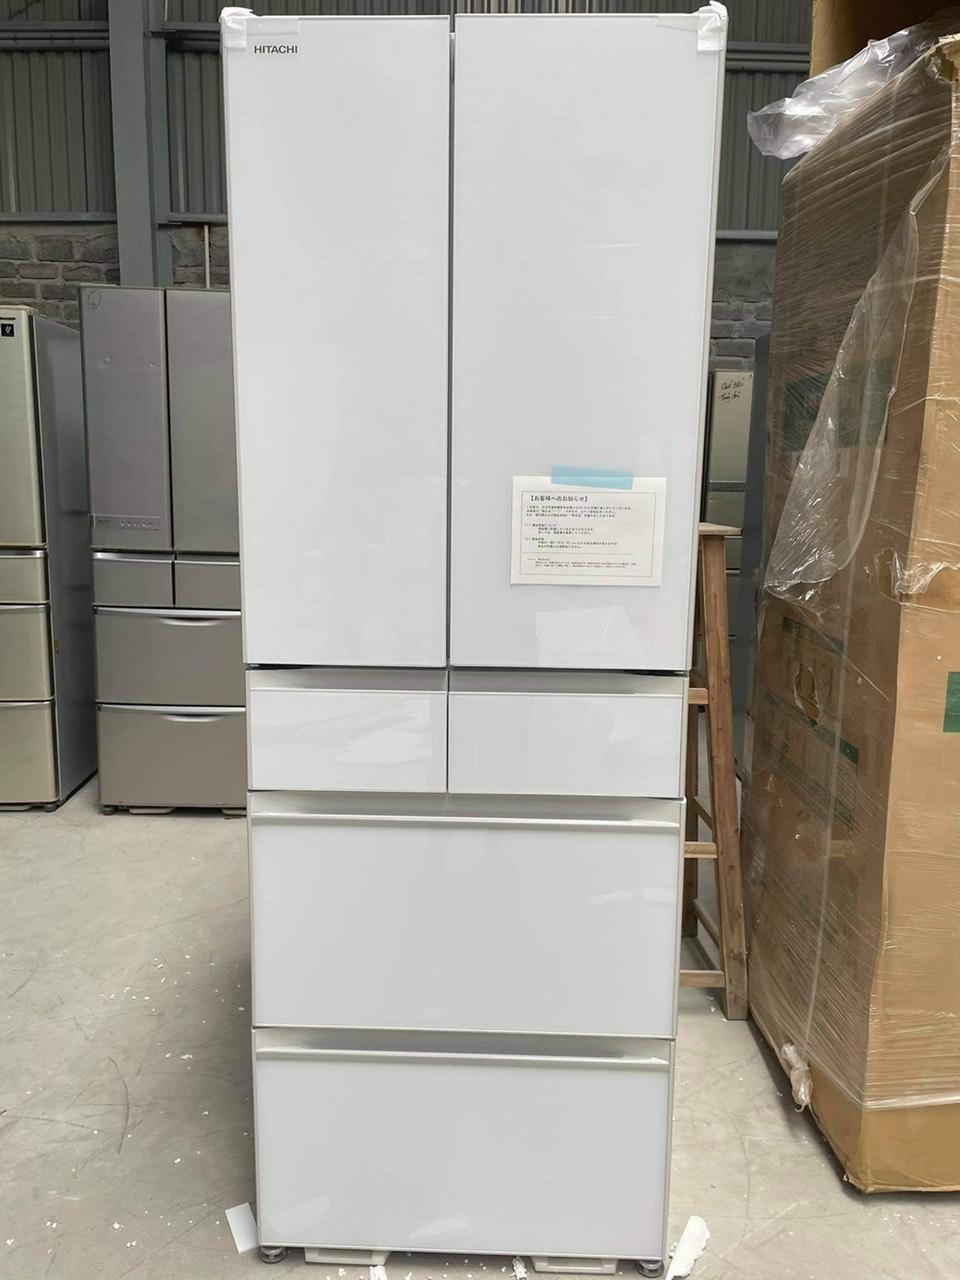 Tủ Lạnh Hitachi Mặt Gương Màu Trắng R Hw52n